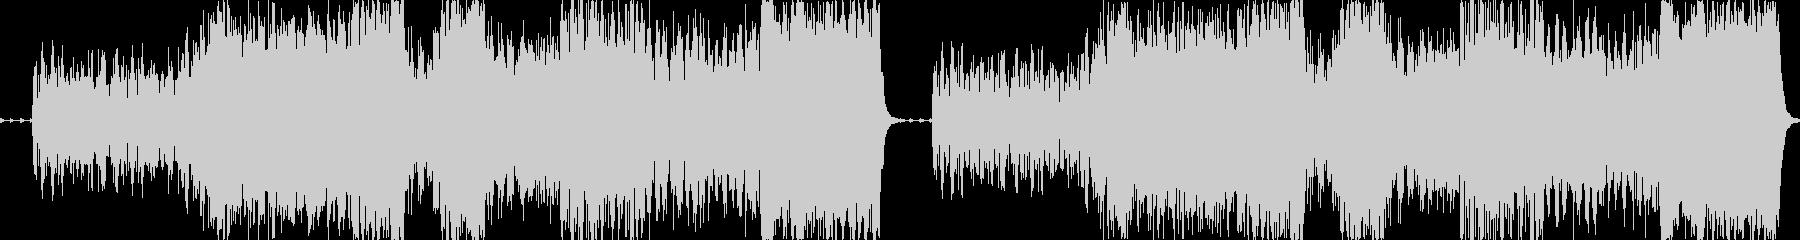 ハロウィンBGM:墓場での宴の未再生の波形